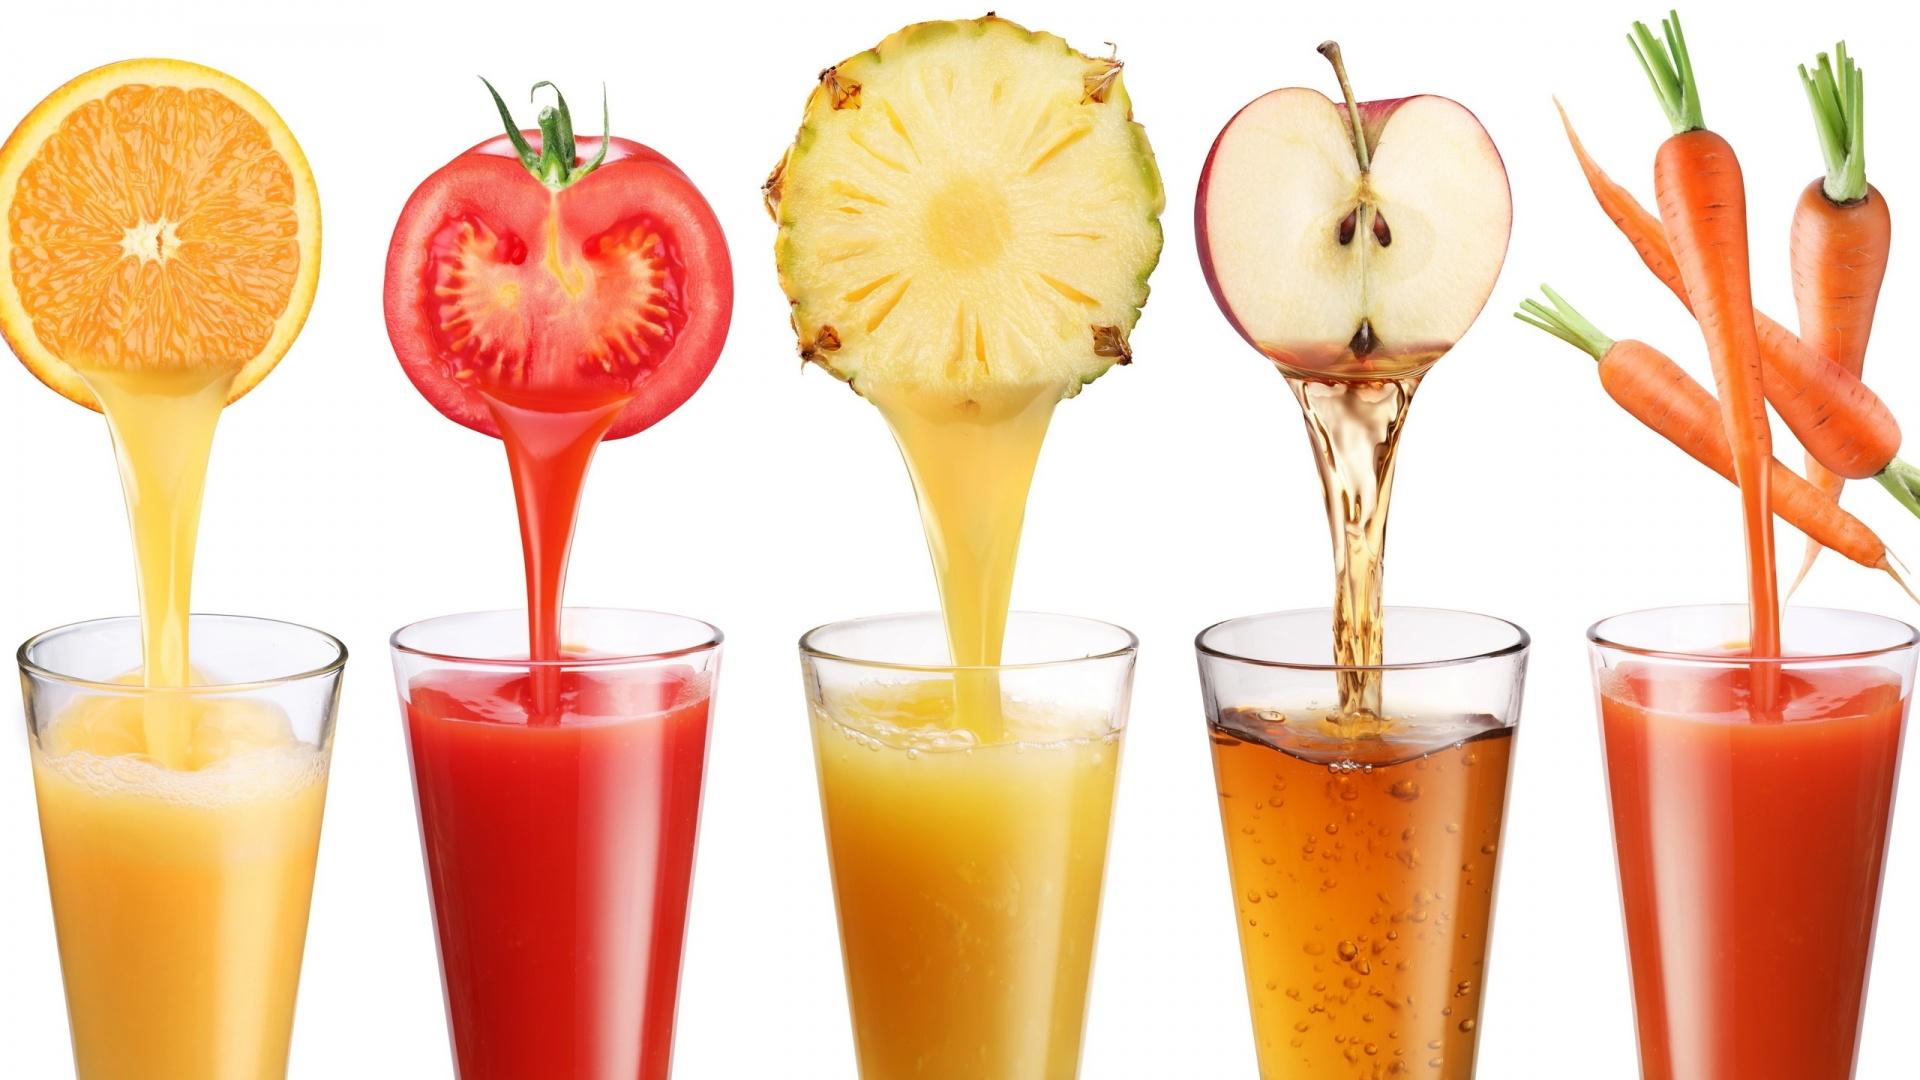 آب میوه های طبیعی در دوران بارداری